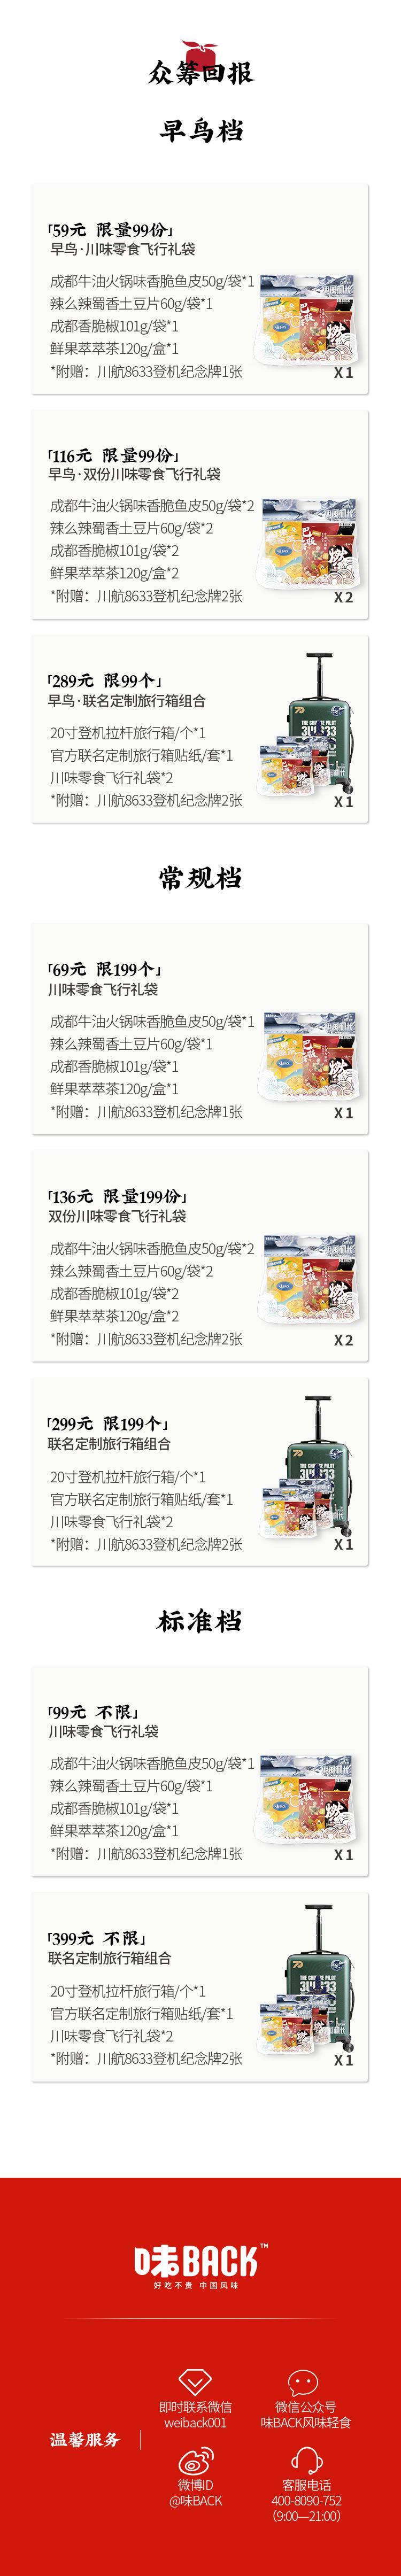 中国机长档位图.jpg